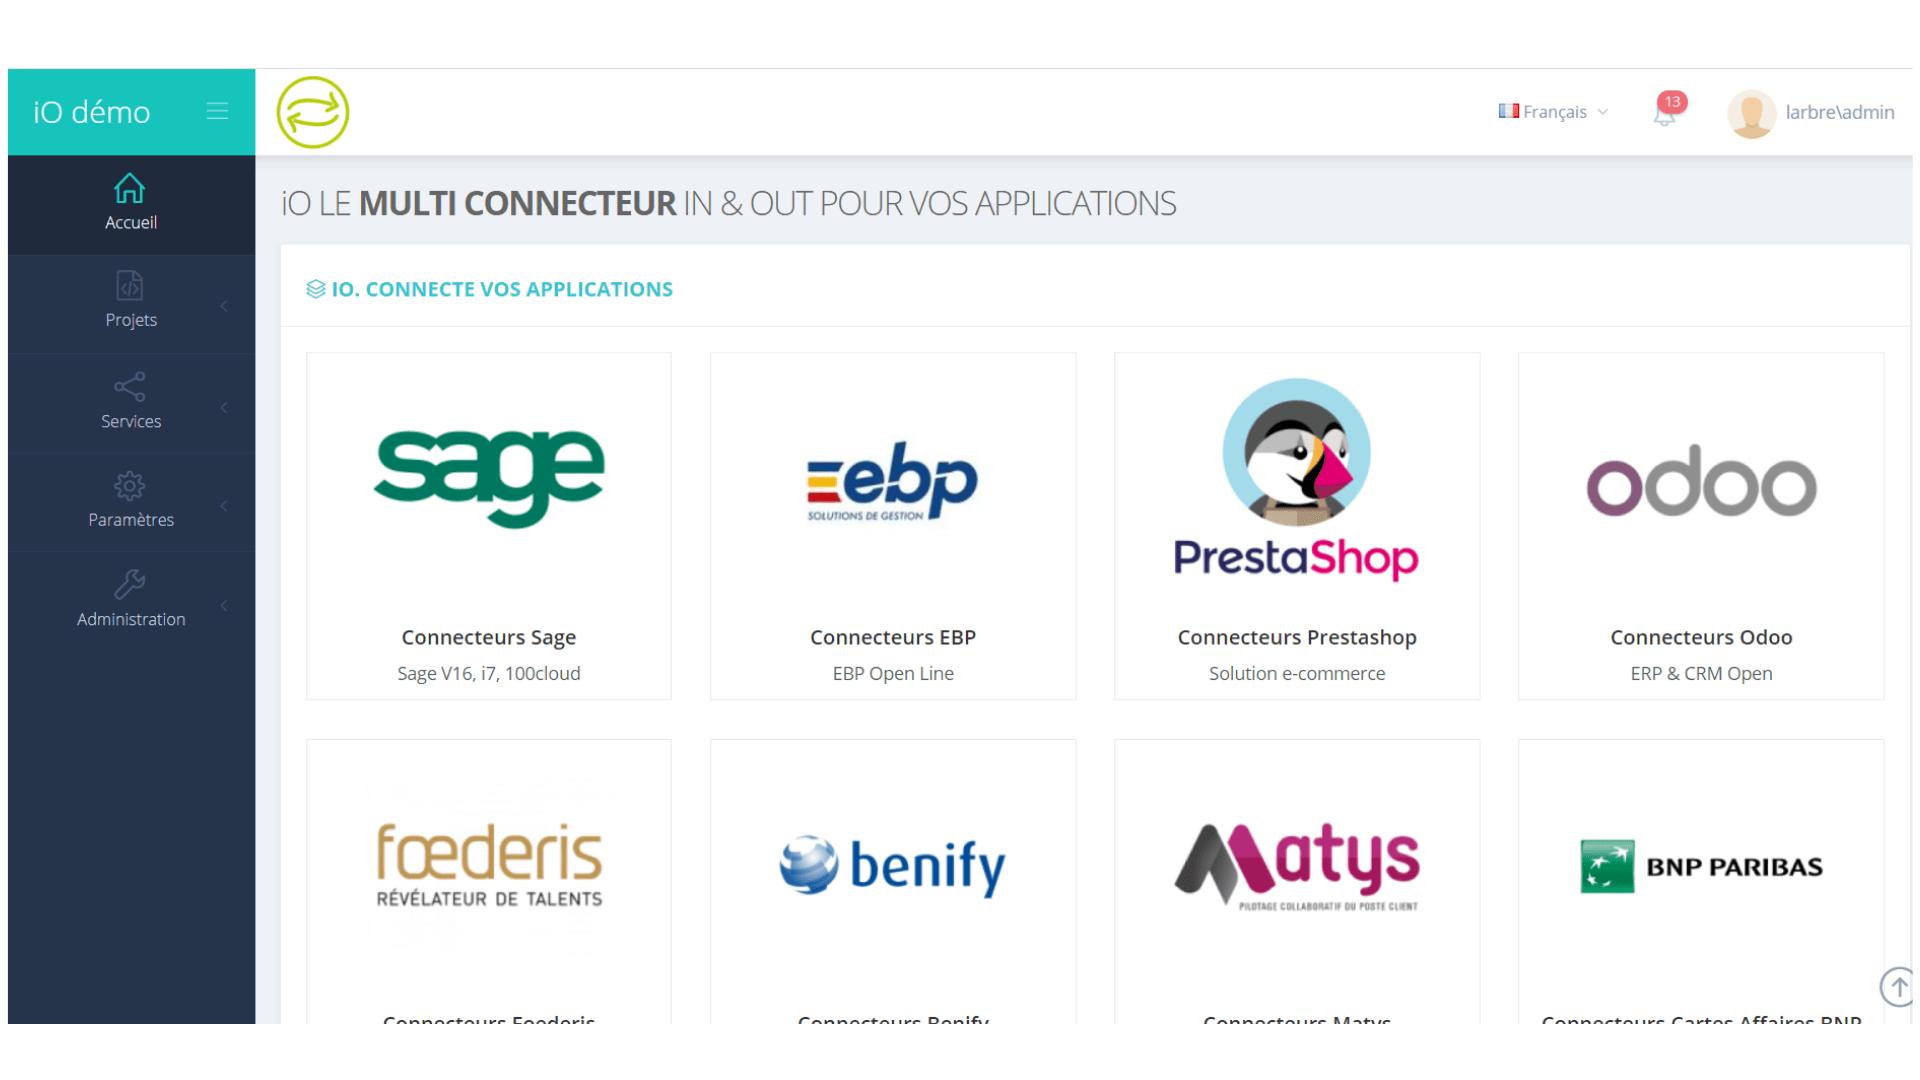 capture d'écran de la page d'accueil de la solution IO